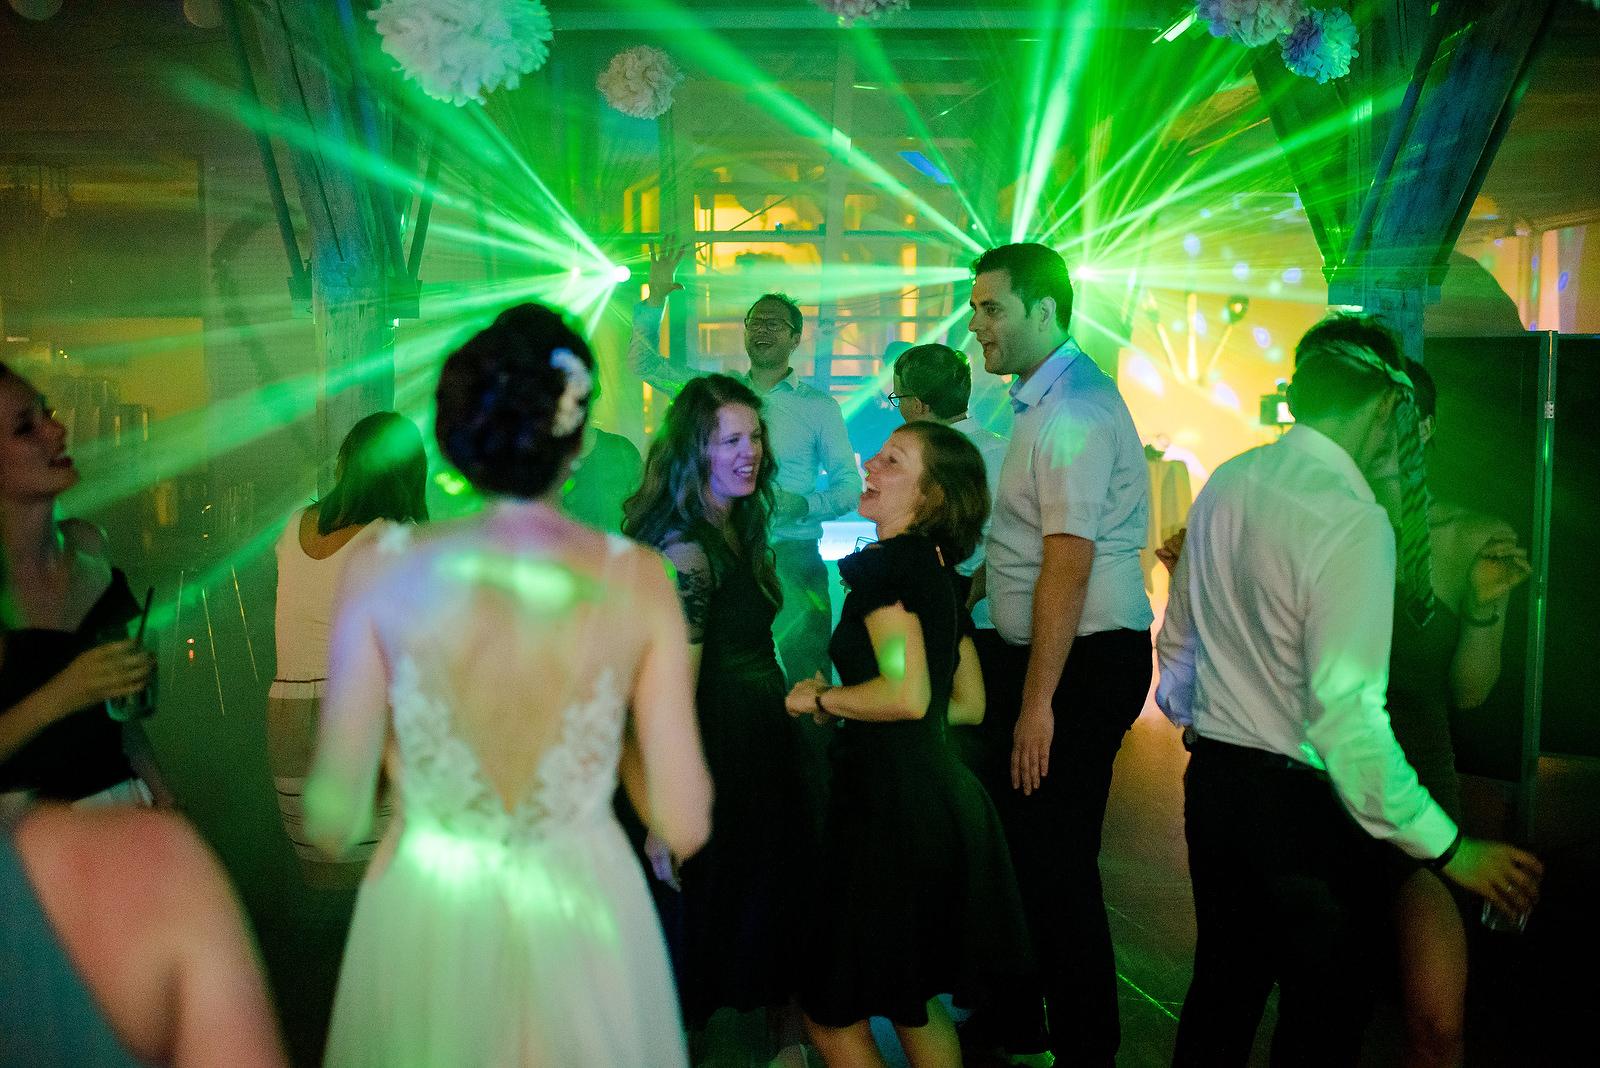 Fotograf Konstanz - Hochzeitsfotograf Bodensee Zollhaus Ludwigshafen Hochzeit Konstanz EFP 177 - Hochzeitsreportage im Zollhaus in Bodman-Ludwigshafen, Bodensee  - 274 -